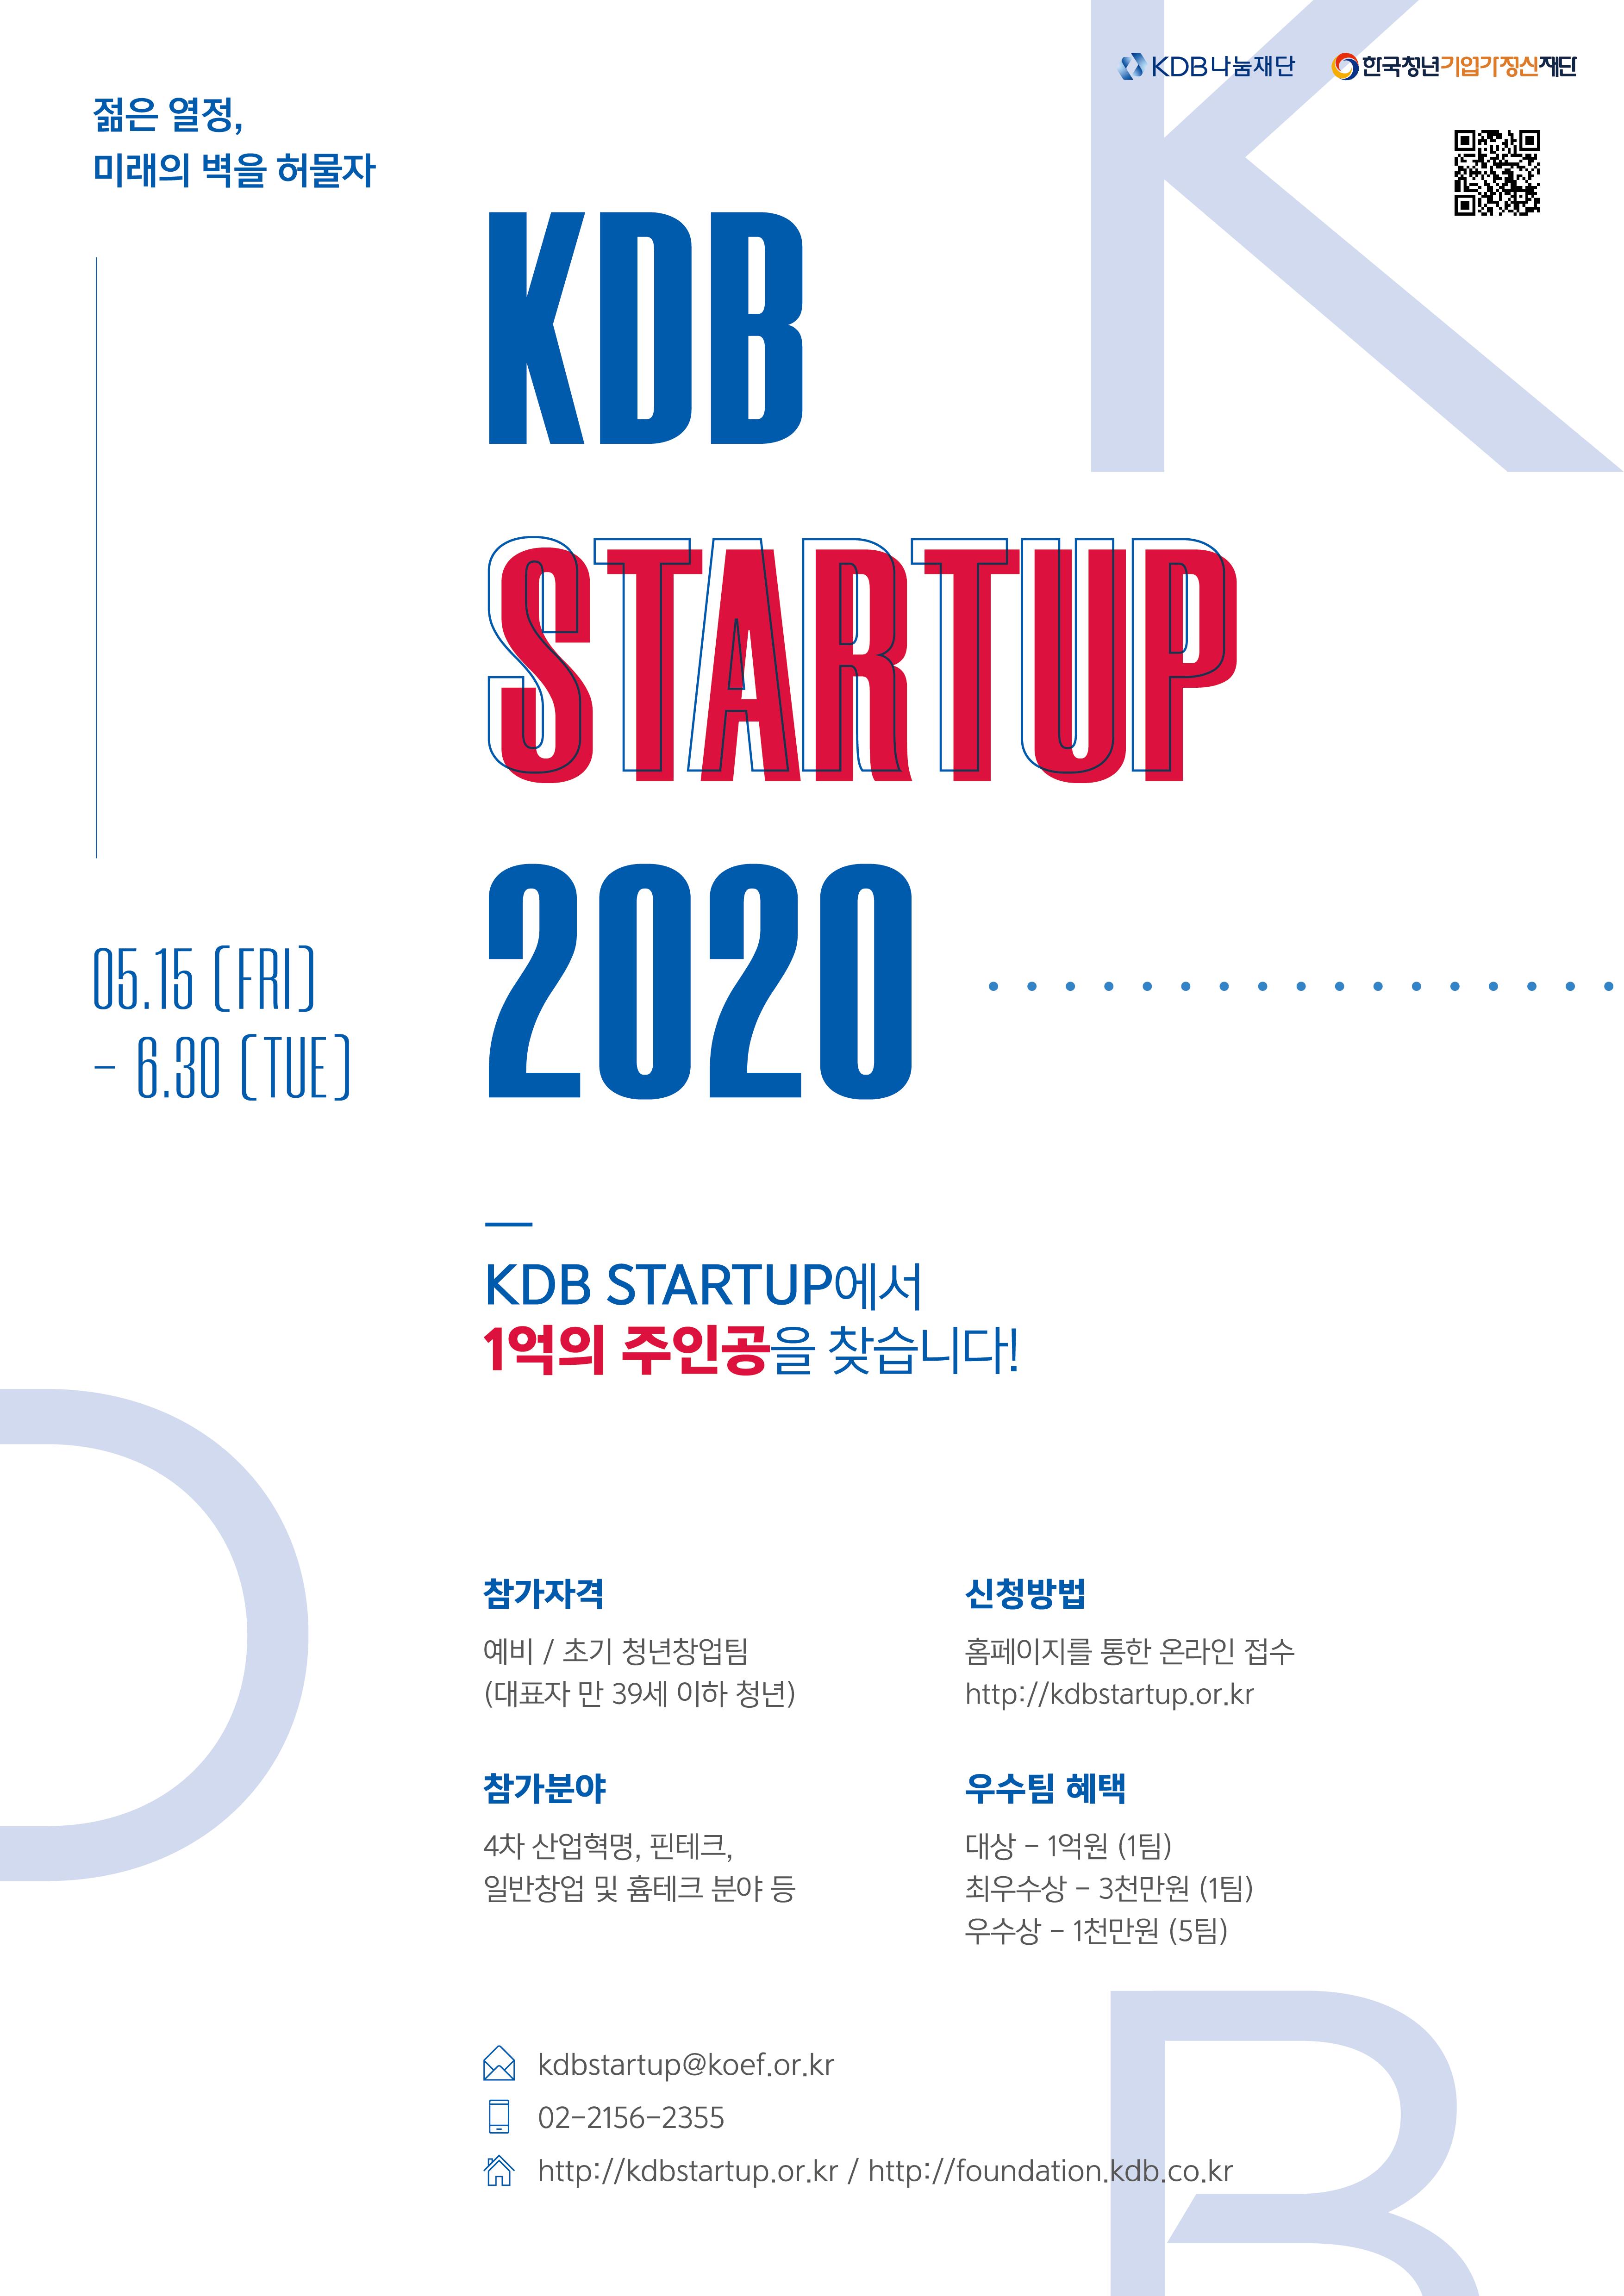 2020KDB 스타트업 프로그램